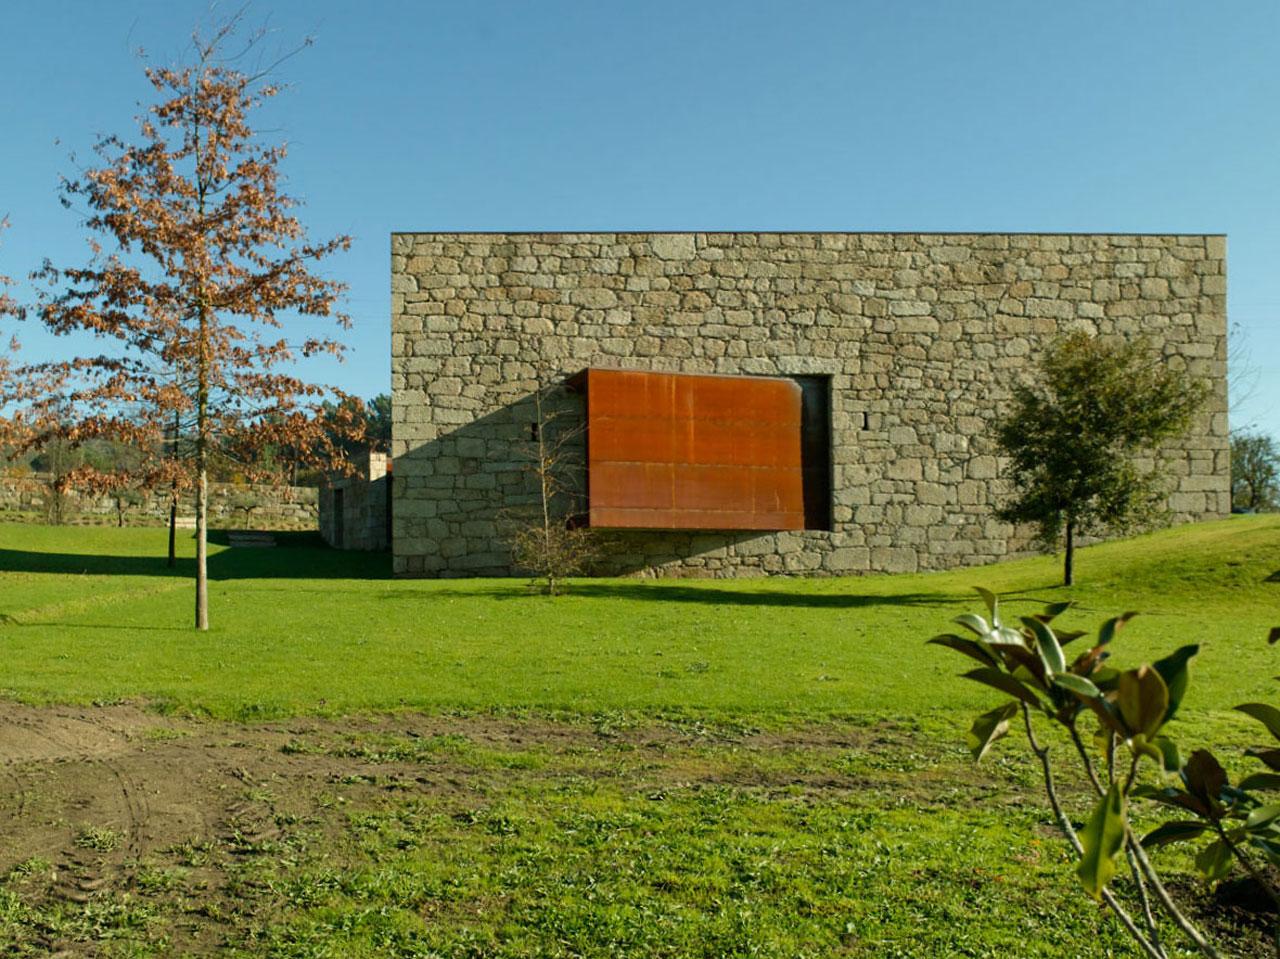 Casa em Brito / Topos Atelier de Arquitectura, © Xavier Antunes